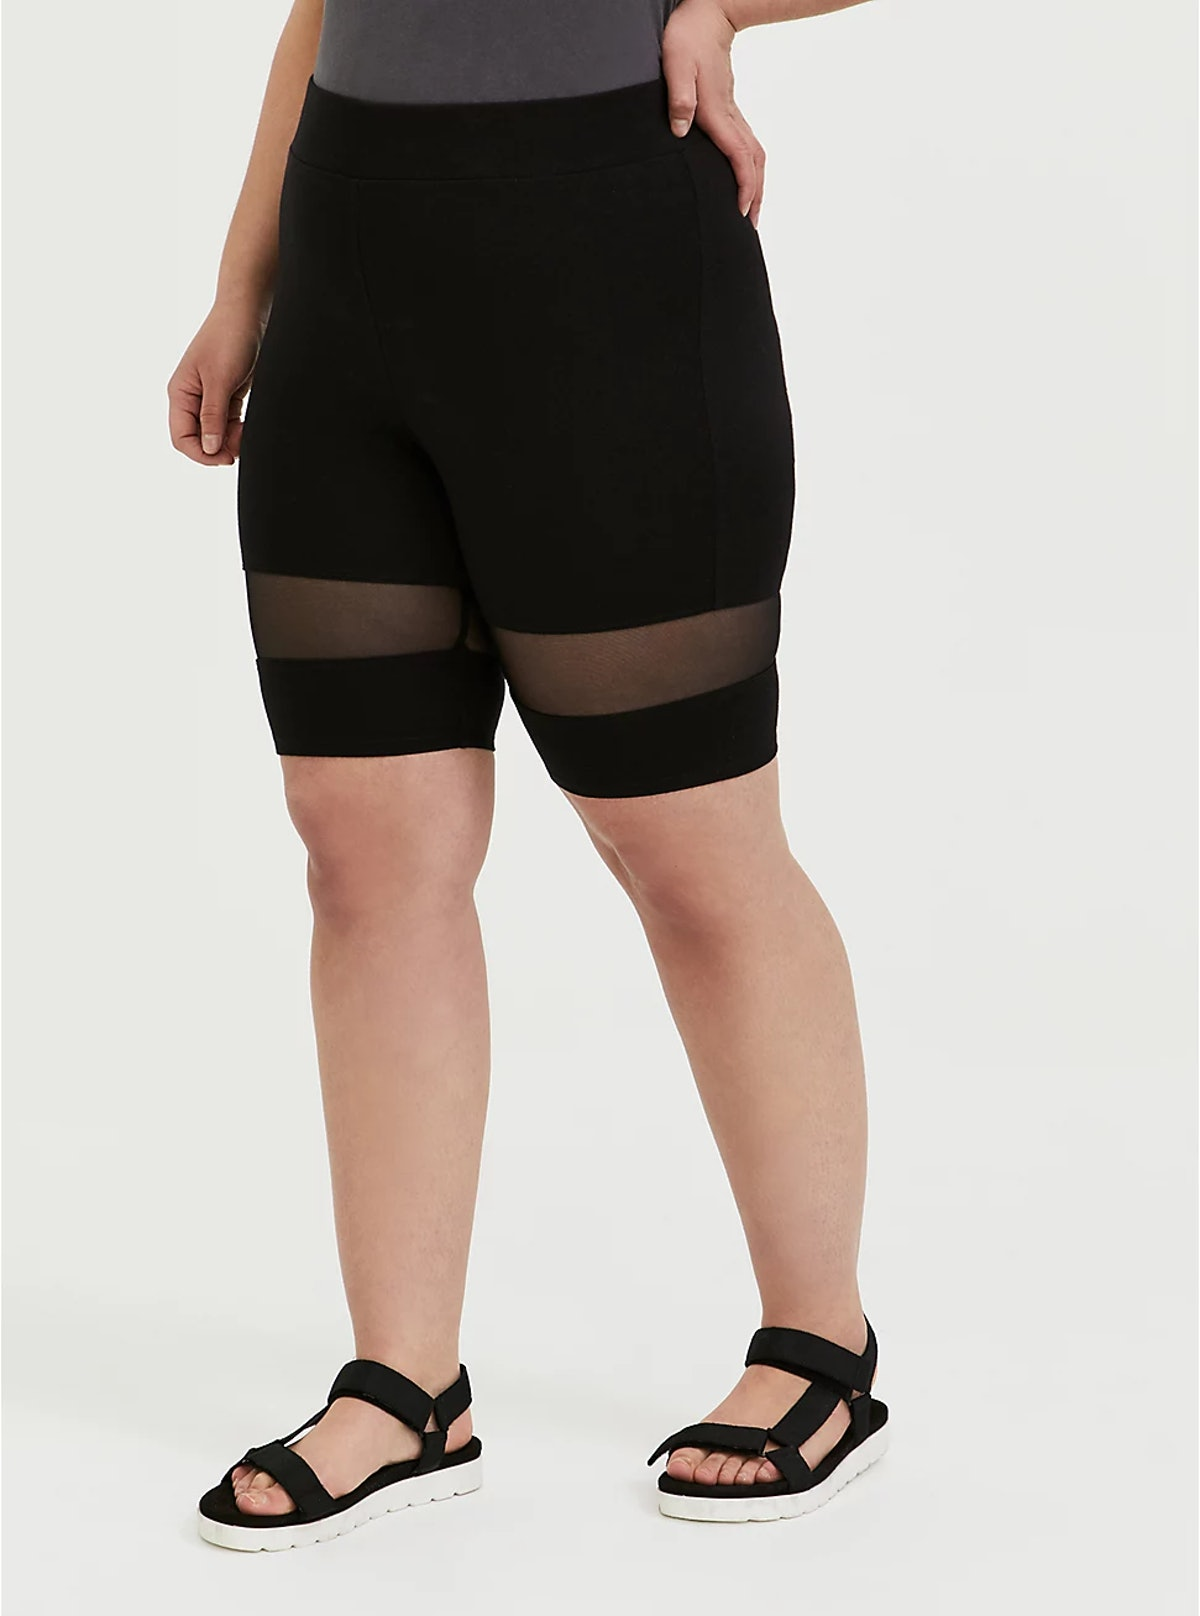 Torrid Black Mesh Insert Bike Shorts